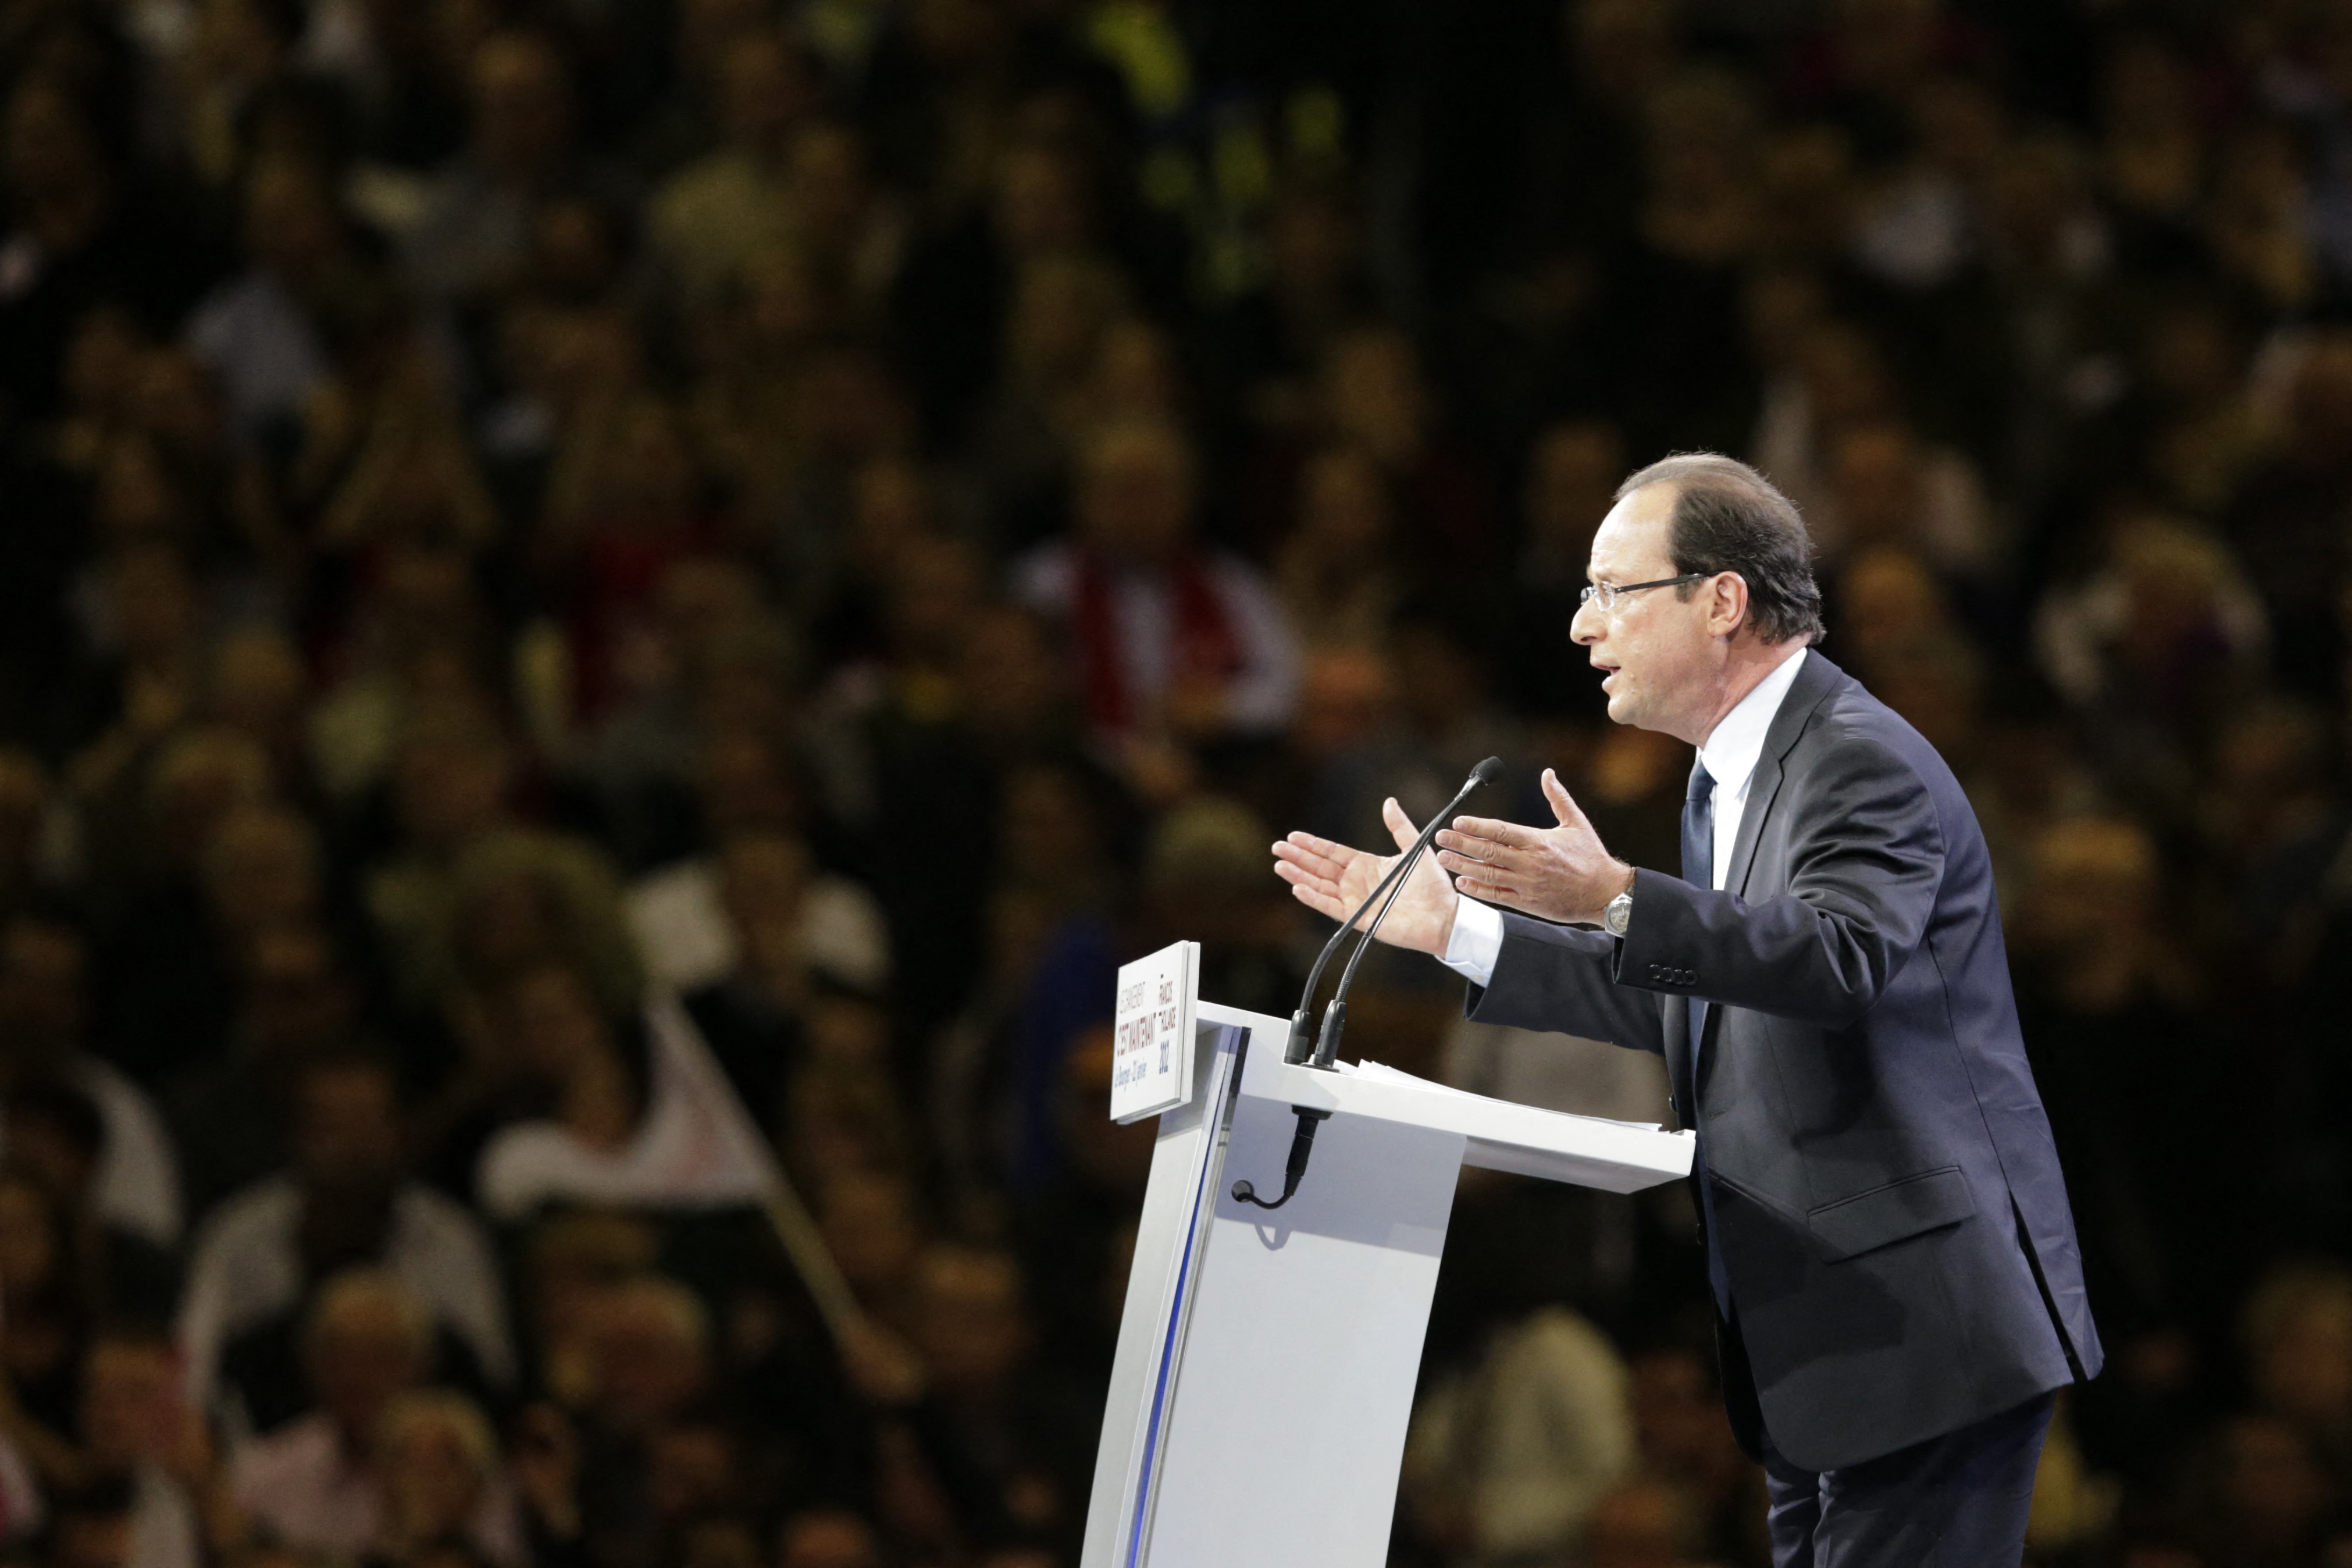 BPI France: banque publique, intérêts privés - Le cadeau de l'État à Amazon (1)